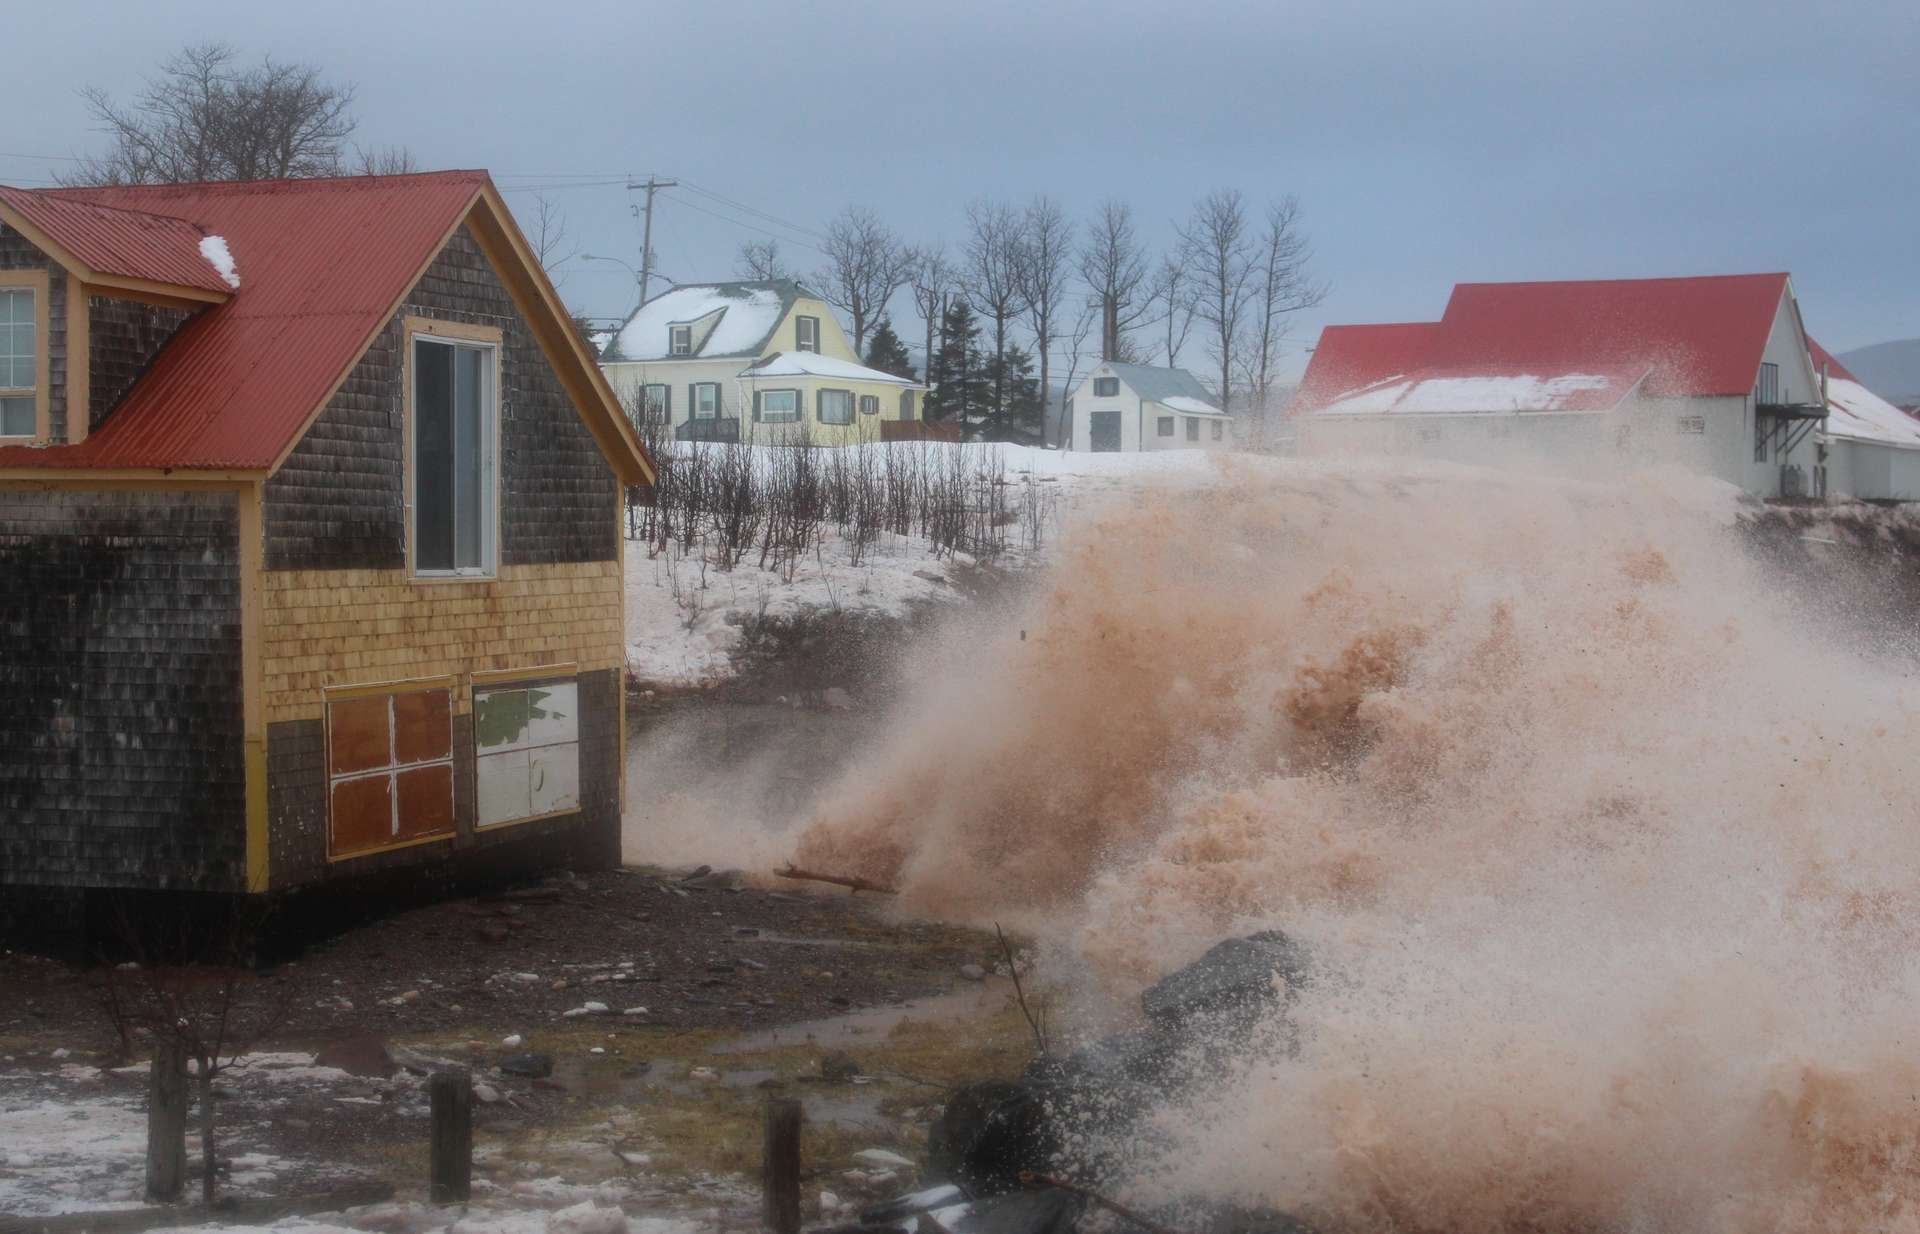 En juillet 2021, des inondations meurtrières ont dévasté l'Europe. L'Allemagne et la Belgique ont été les pays les plus touchés. © Camille, Adobe Stock